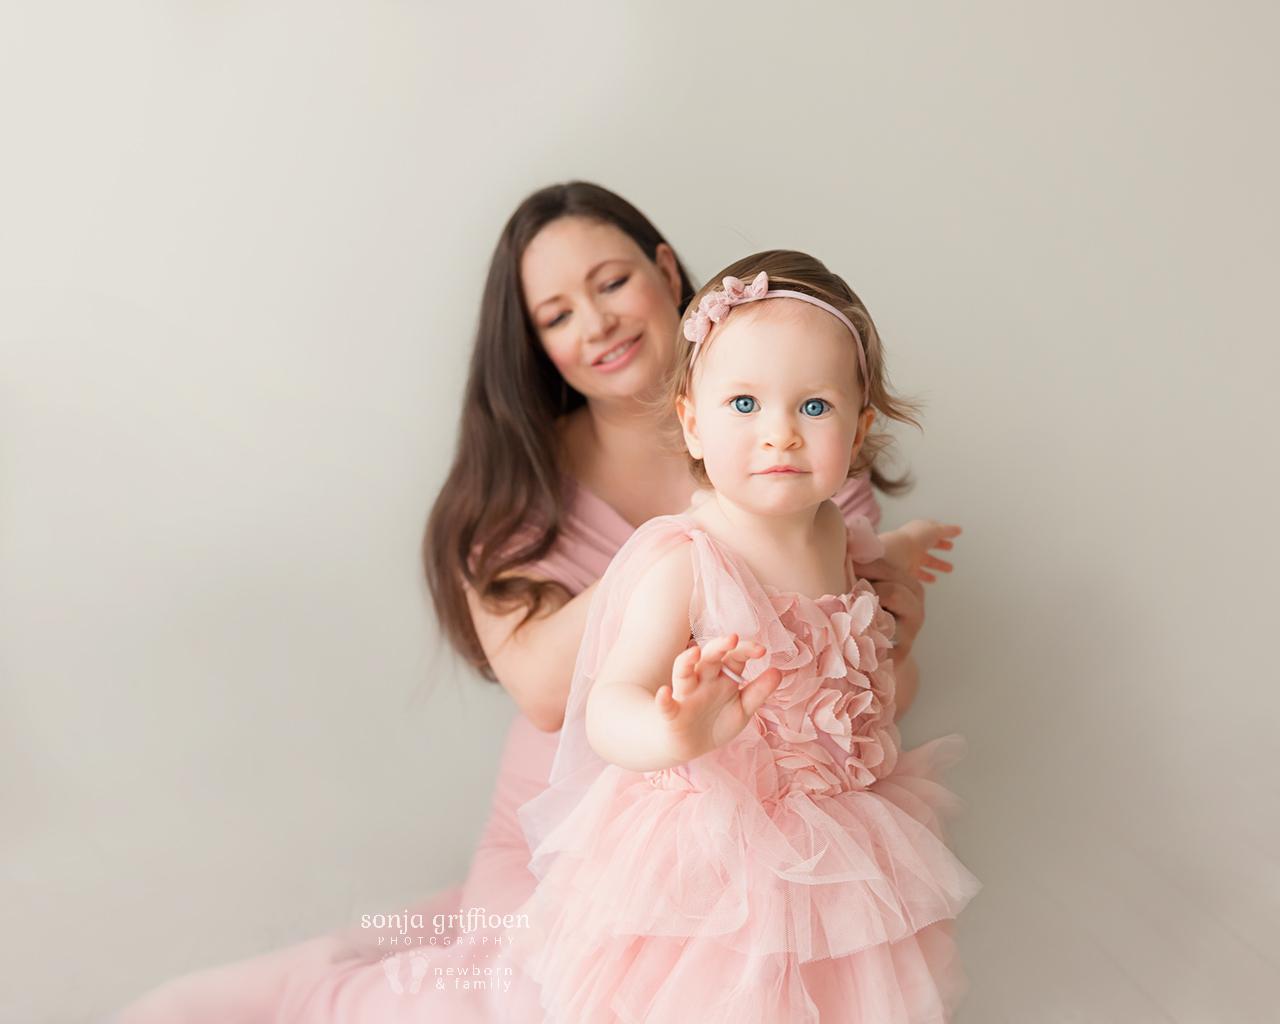 Sarah-Maternity-2-Brisbane-Newborn-Photographer-Sonja-Griffioen-06.jpg